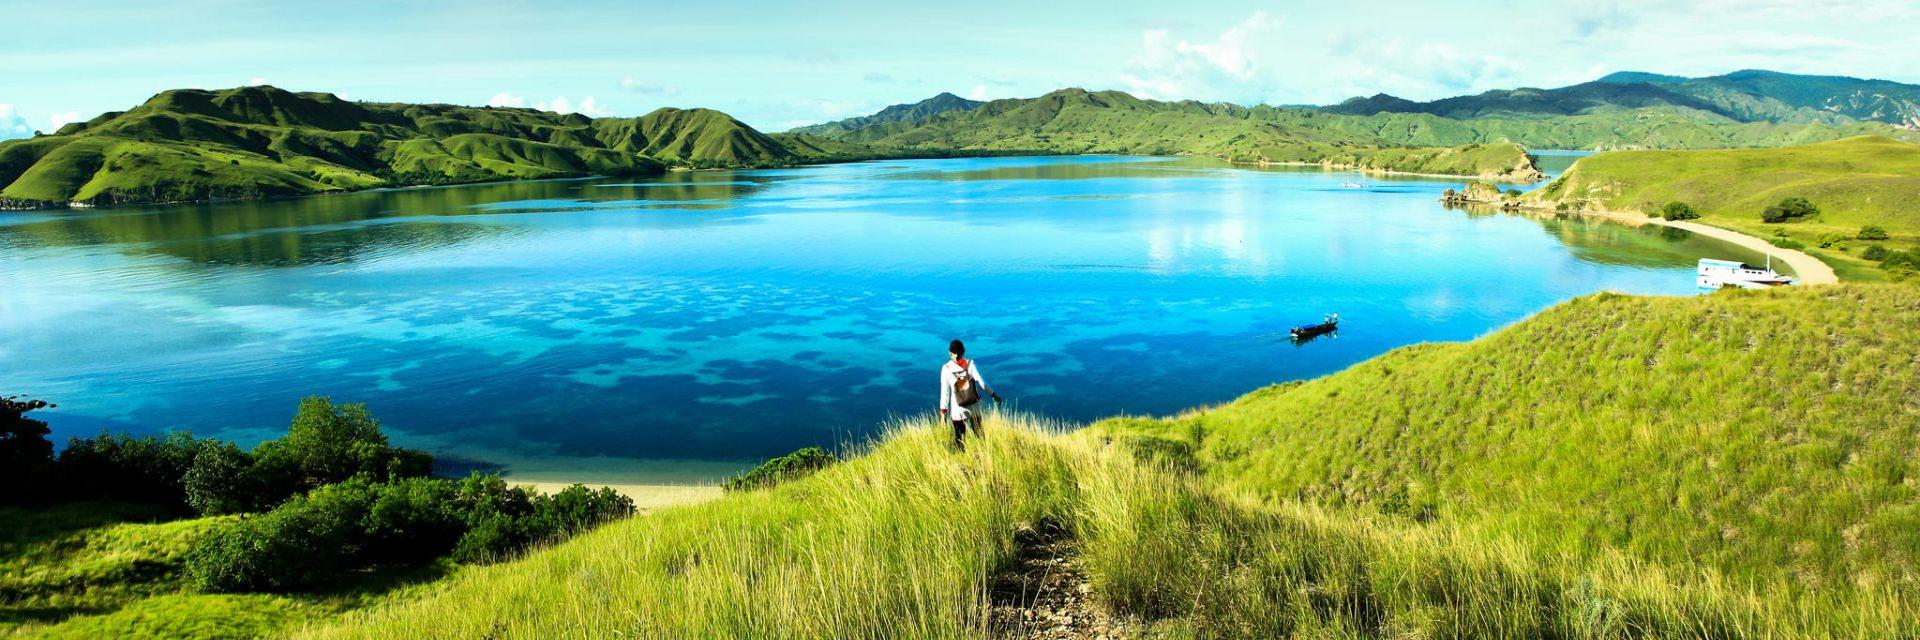 Ukir Cerita Cinta di Pulau Komodo Ukir Cerita Cinta di Pulau Komodo - Dolan Dolen